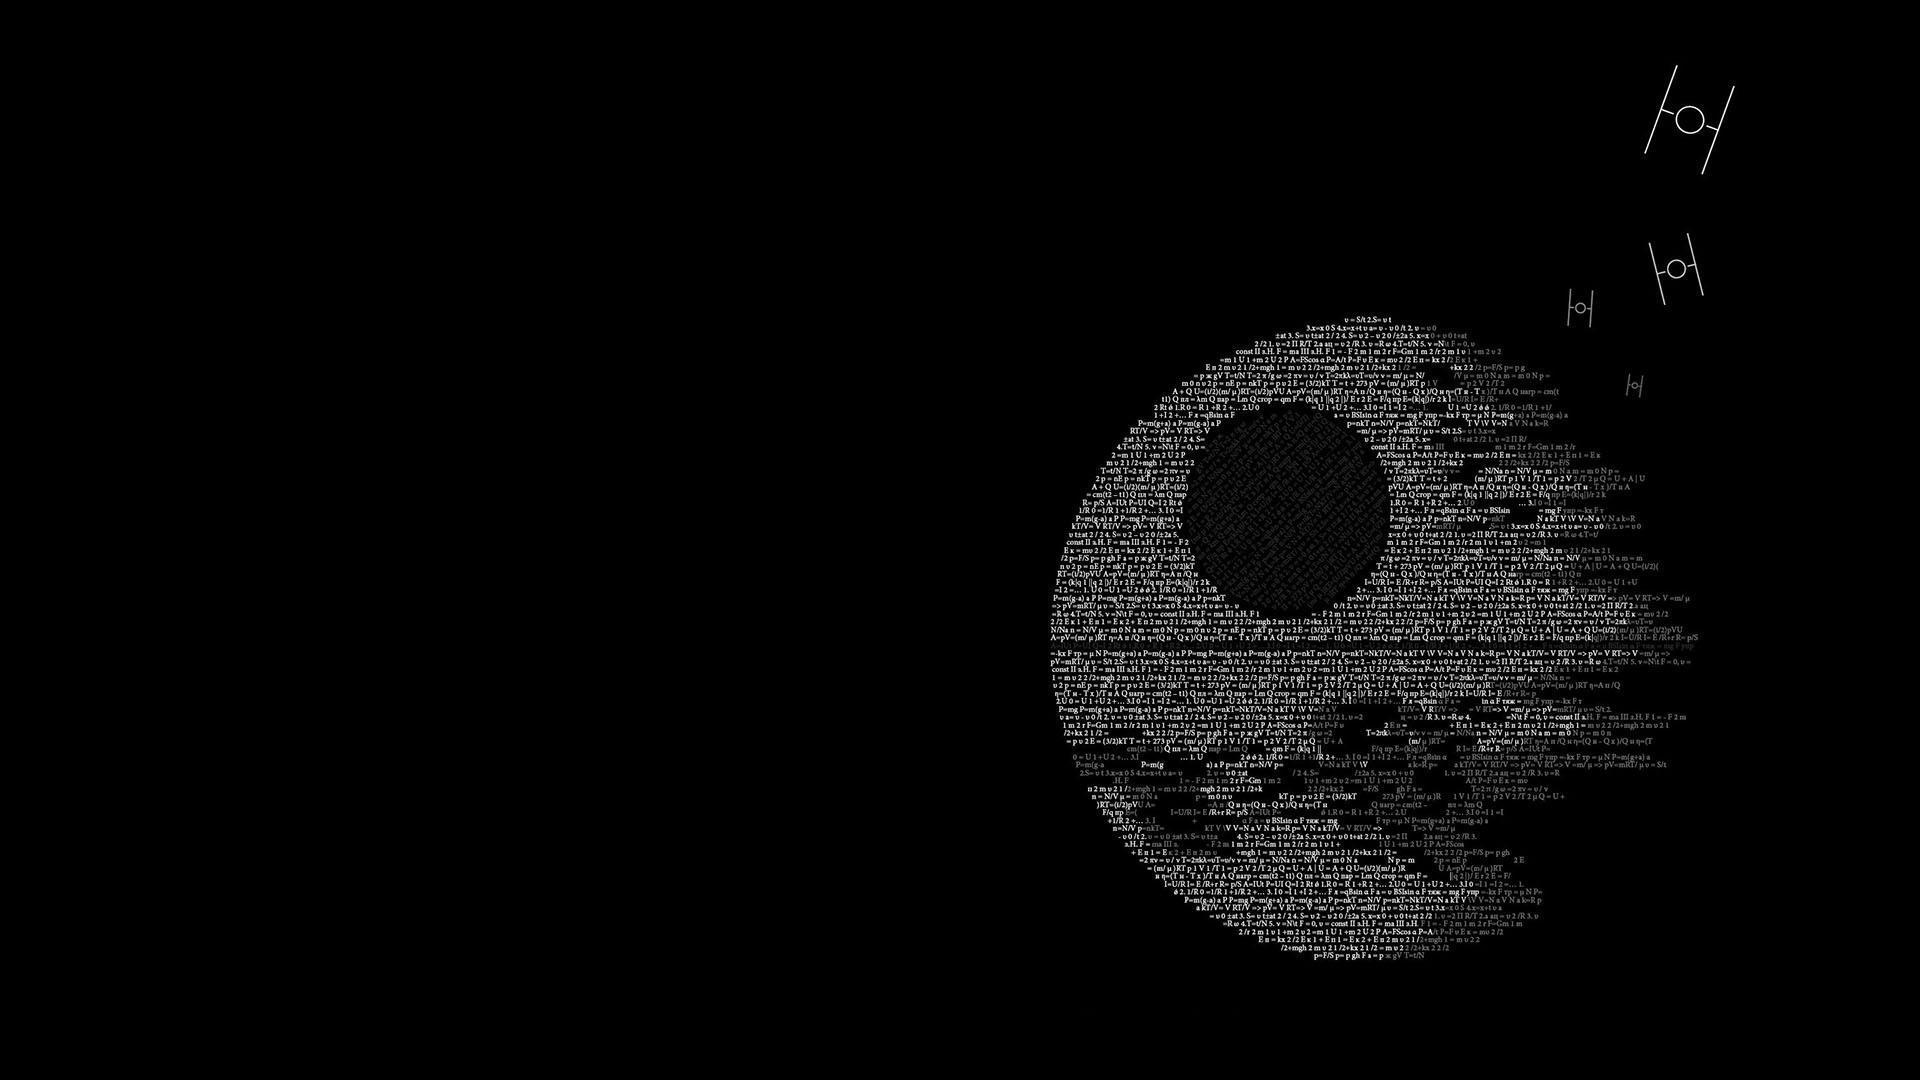 Death Star best background